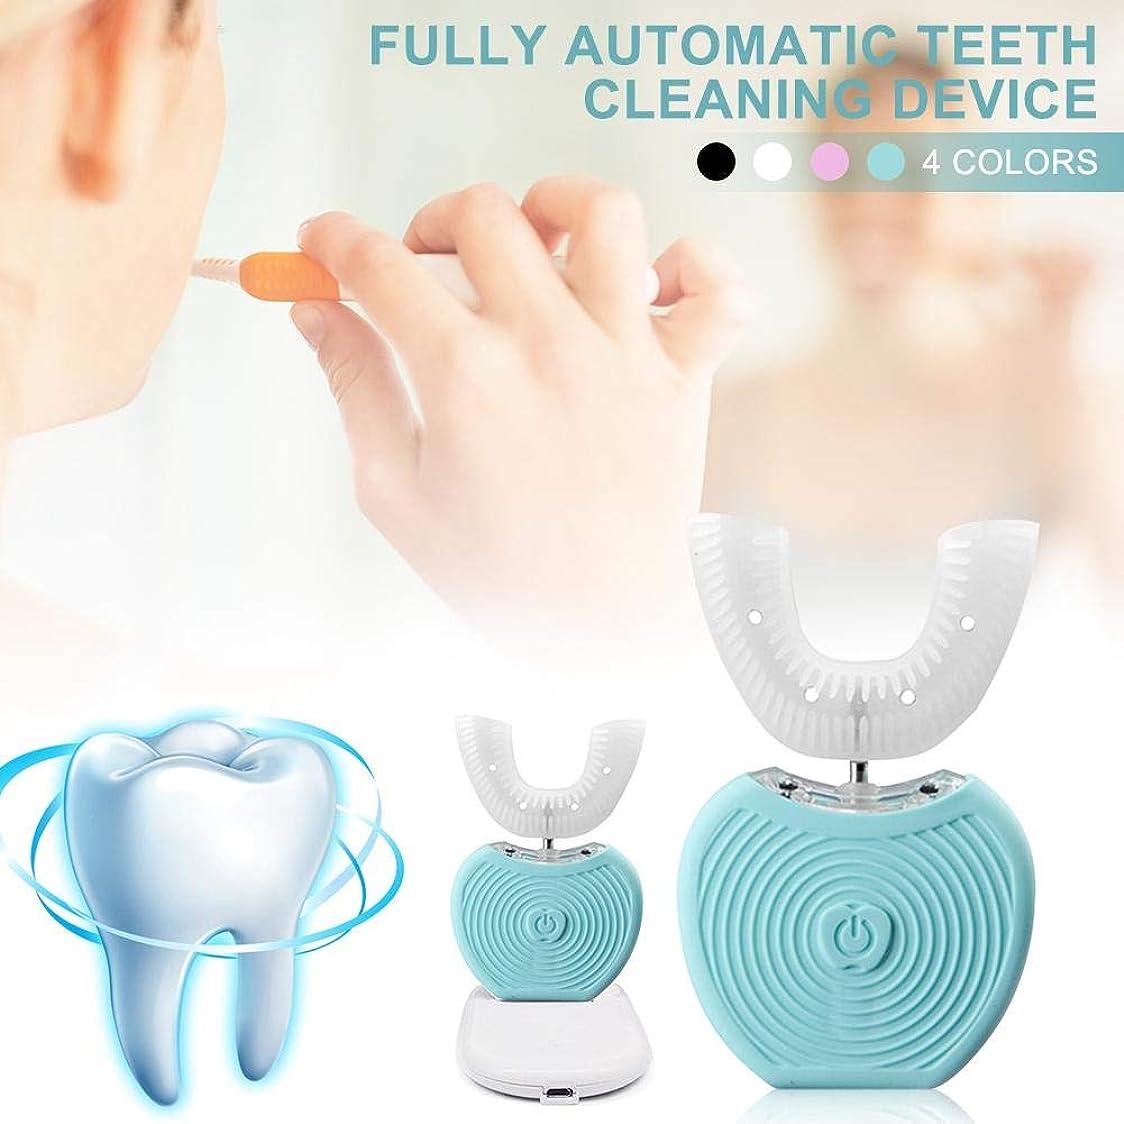 信じる用量ストライクUSBポータブル電動歯ブラシ IPX7防水 ブルーレイホワイトニングツール AI自動メモリー機能 360度オールラウンド歯ブラシ